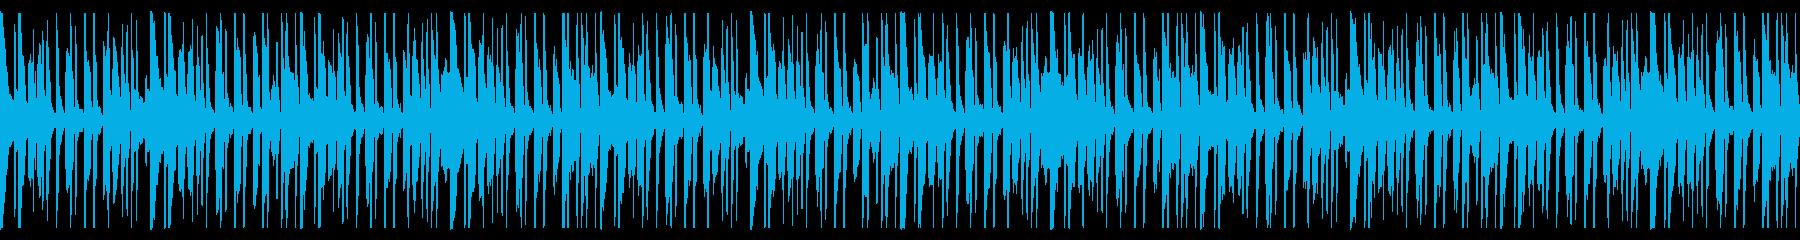 ピンポン跳ねるポップなループ曲の再生済みの波形